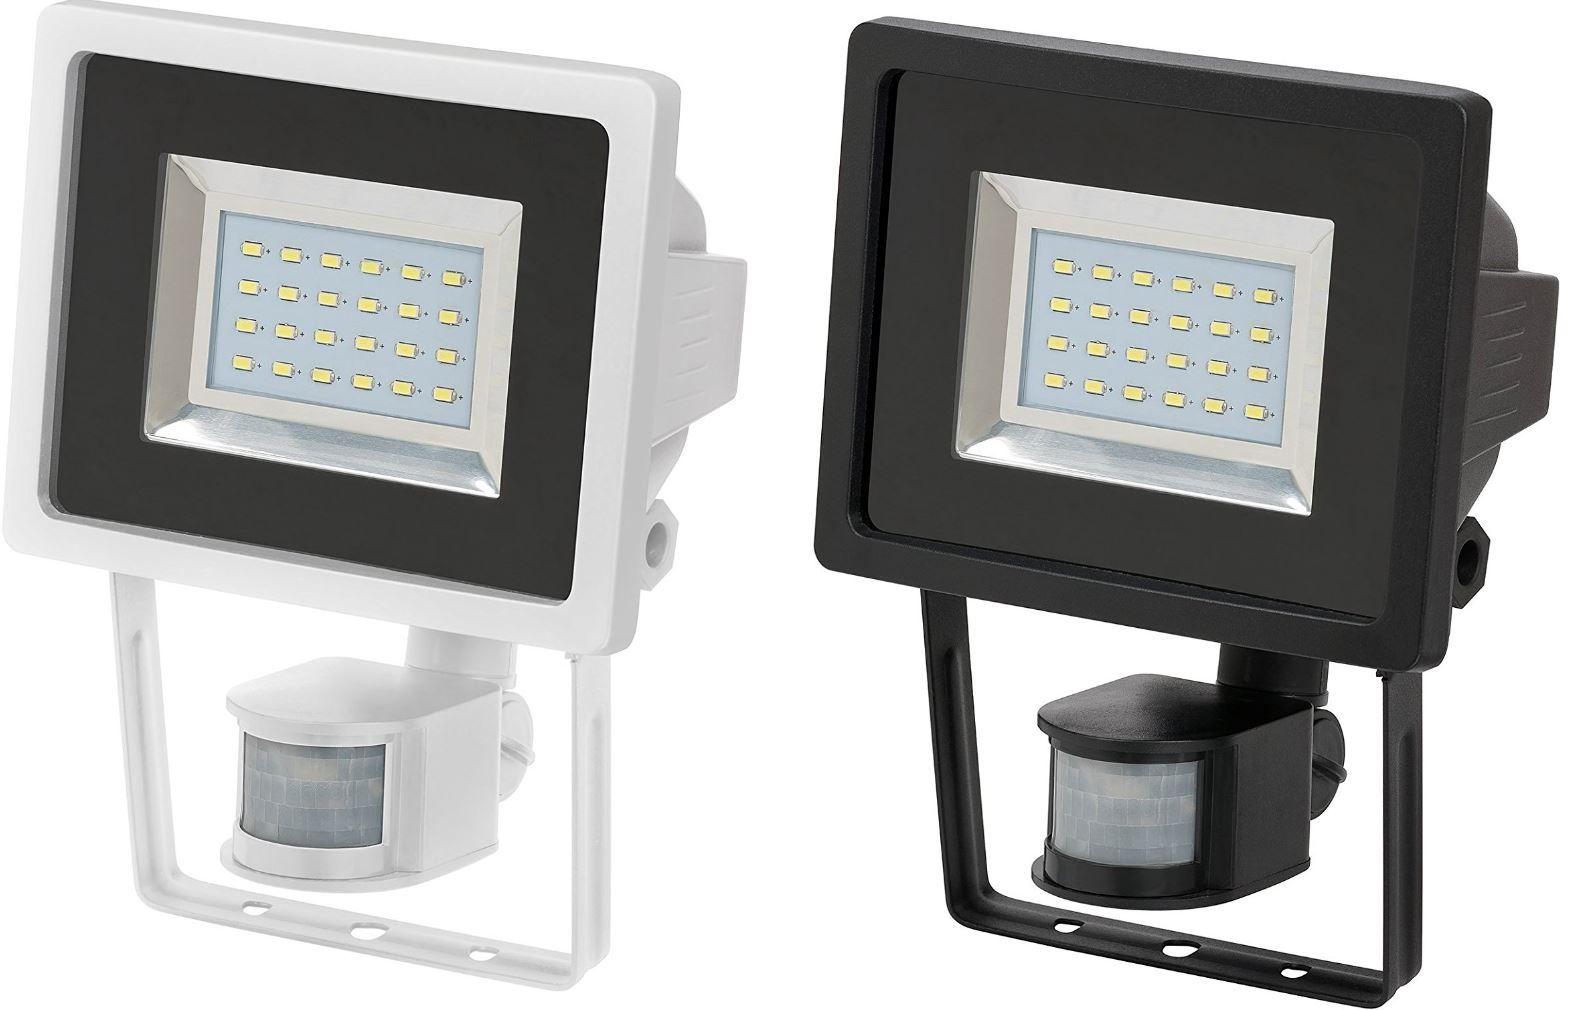 Brennenstuhl LED Strahler mit Bewegungsmelder für 24,99€ (statt 29€)